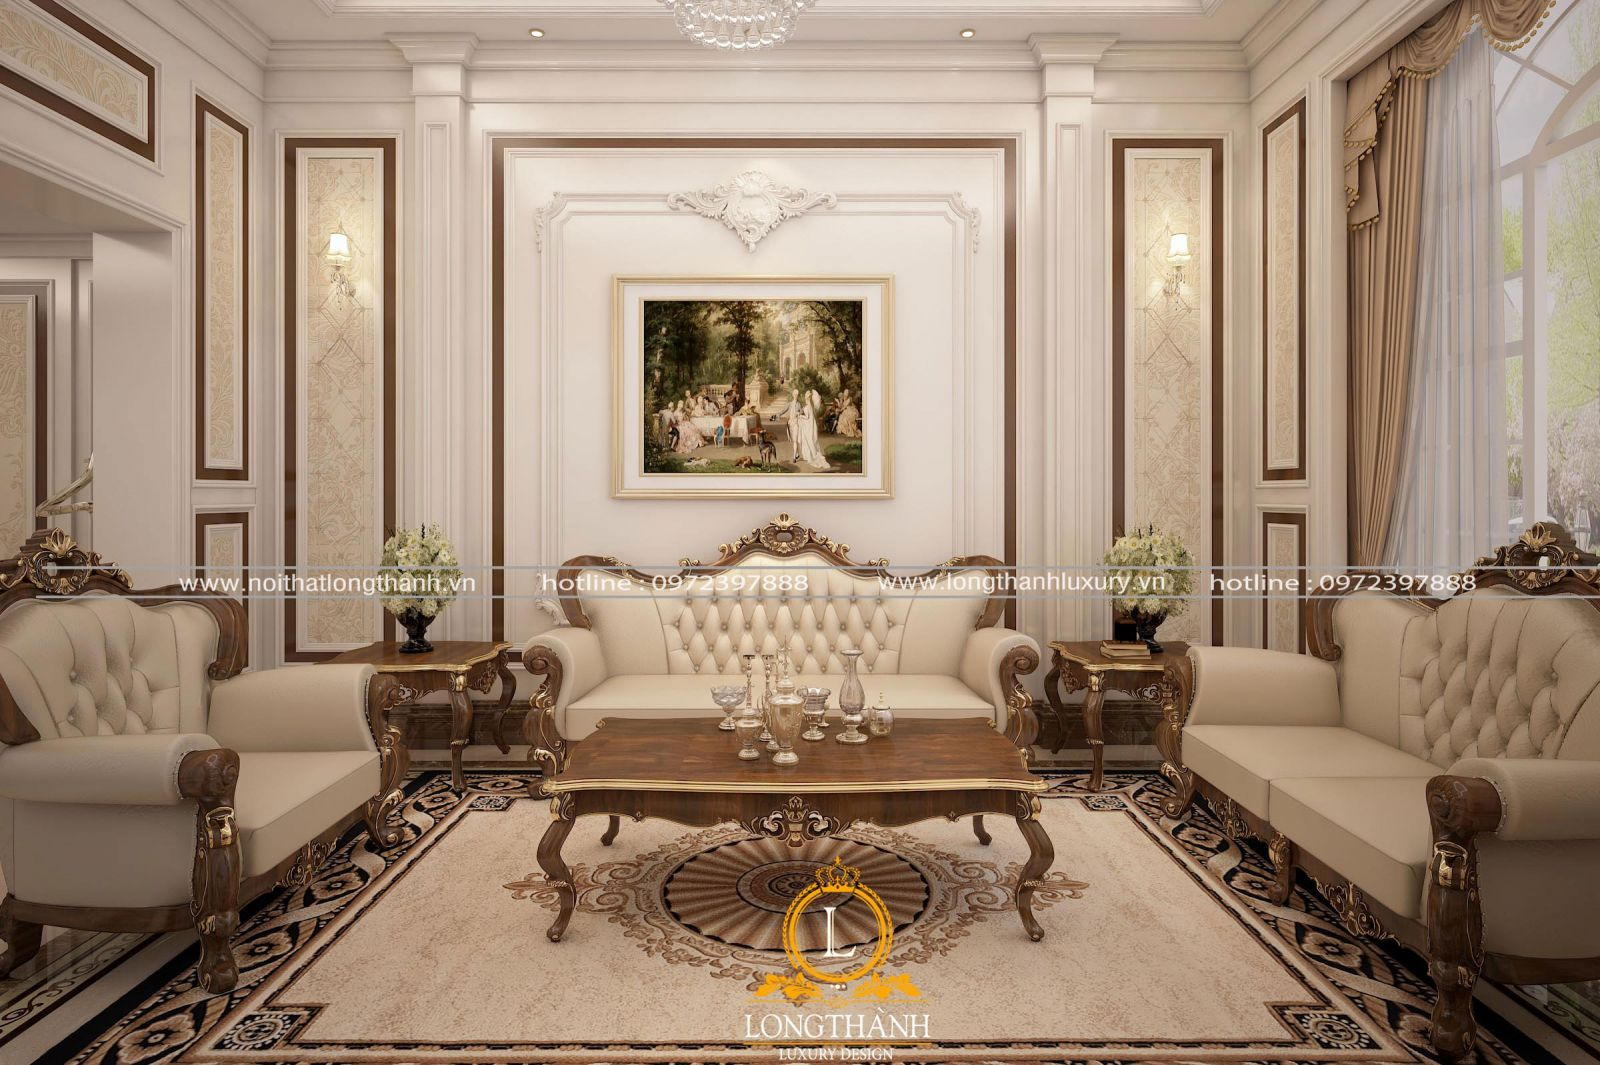 Mẫu thiết kế nội thất biệt thự liền kề đẹp và sang trọng